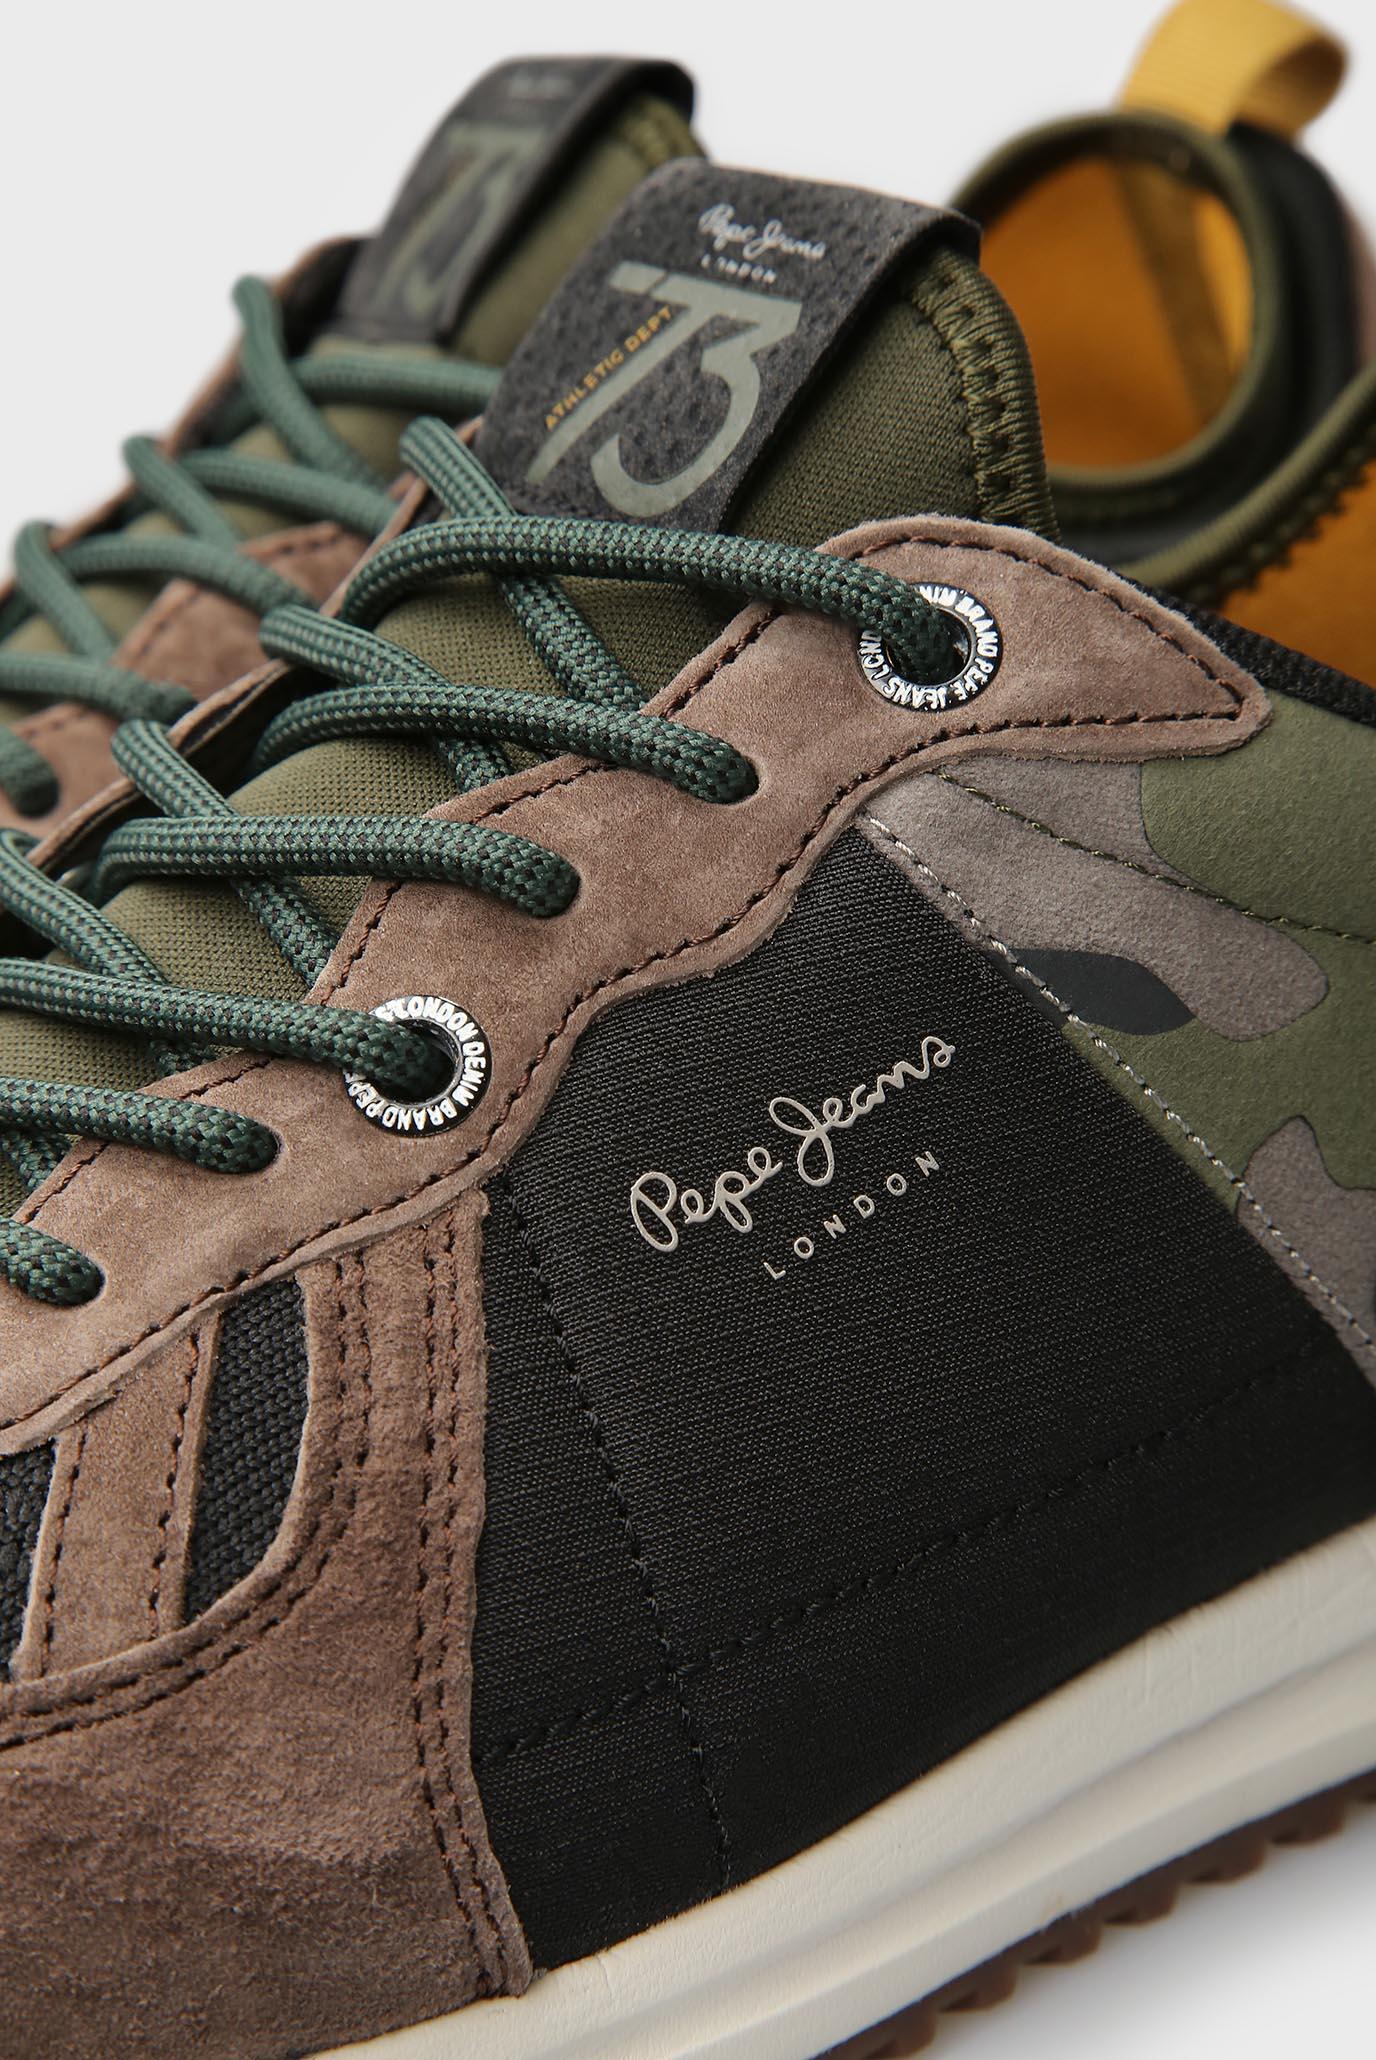 Купить Мужские коричневые замшевые кроссовки Pepe Jeans Pepe Jeans PMS30488 – Киев, Украина. Цены в интернет магазине MD Fashion